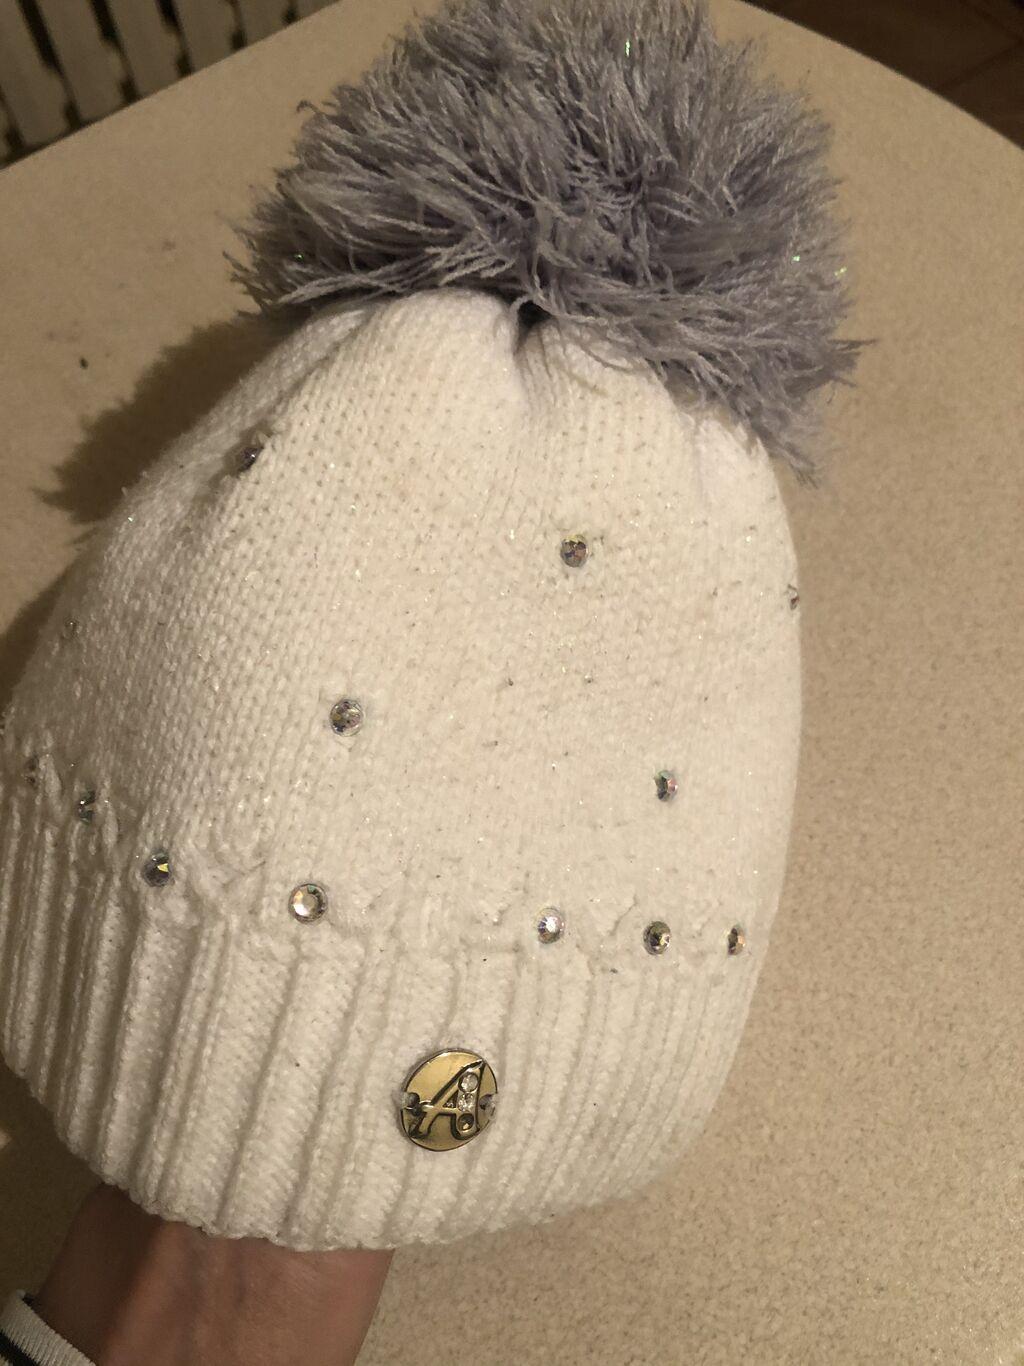 Польская шапка на девочку от 3х до 6ти лет в отличном состоянии: Польская шапка на девочку от 3х до 6ти лет в отличном состоянии